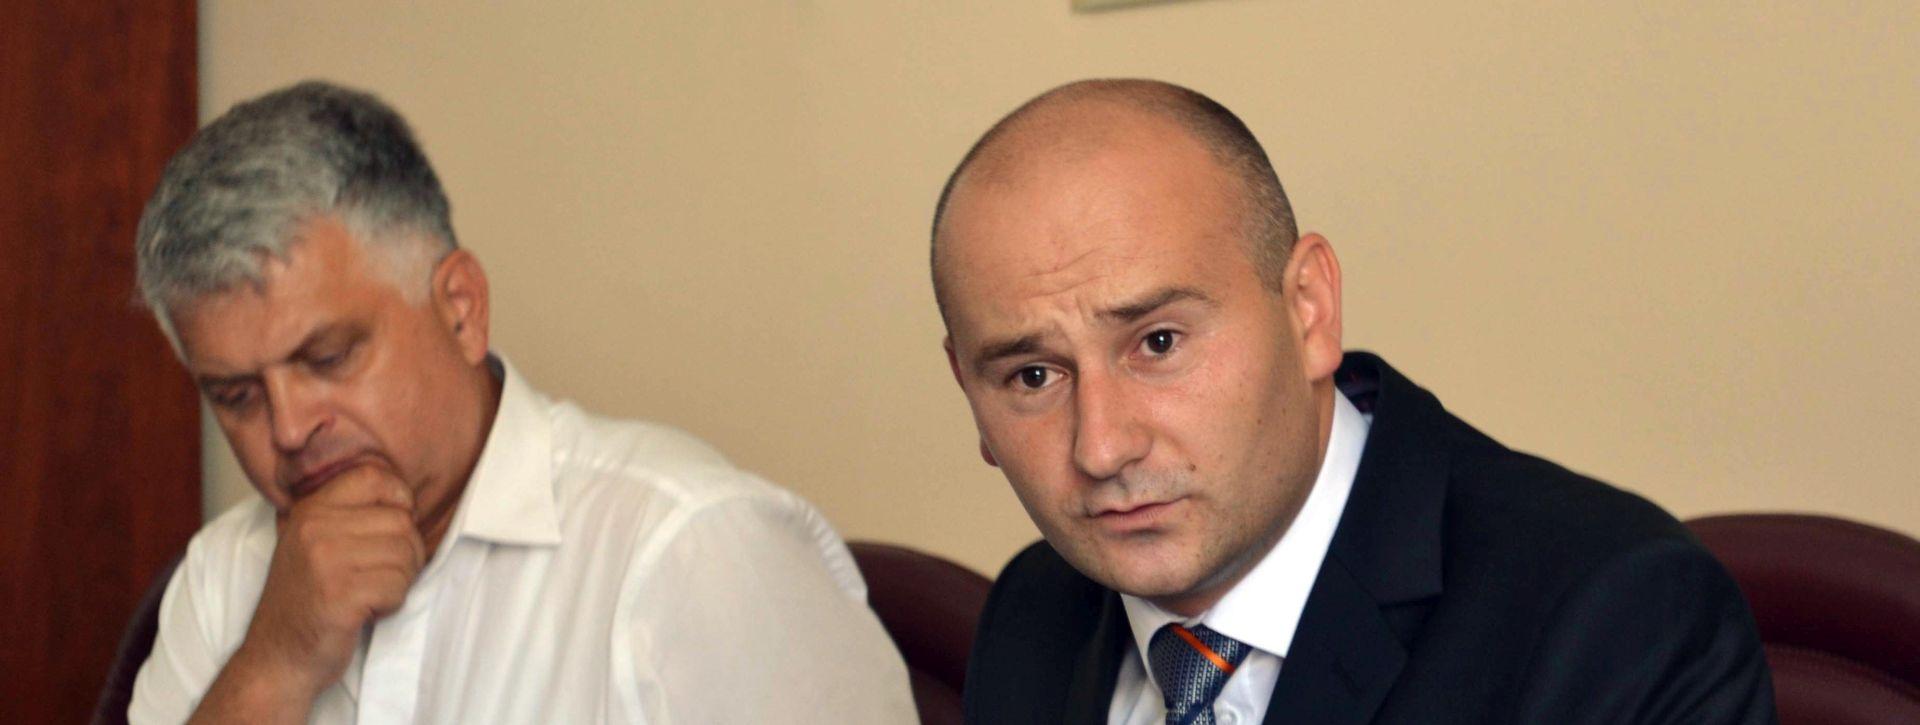 KVAR INFORMATIČKOG SUSTAVA:  HNS-ov predsjednik Uprave Vodovoda najavio kaznenu prijavu zbog klevete